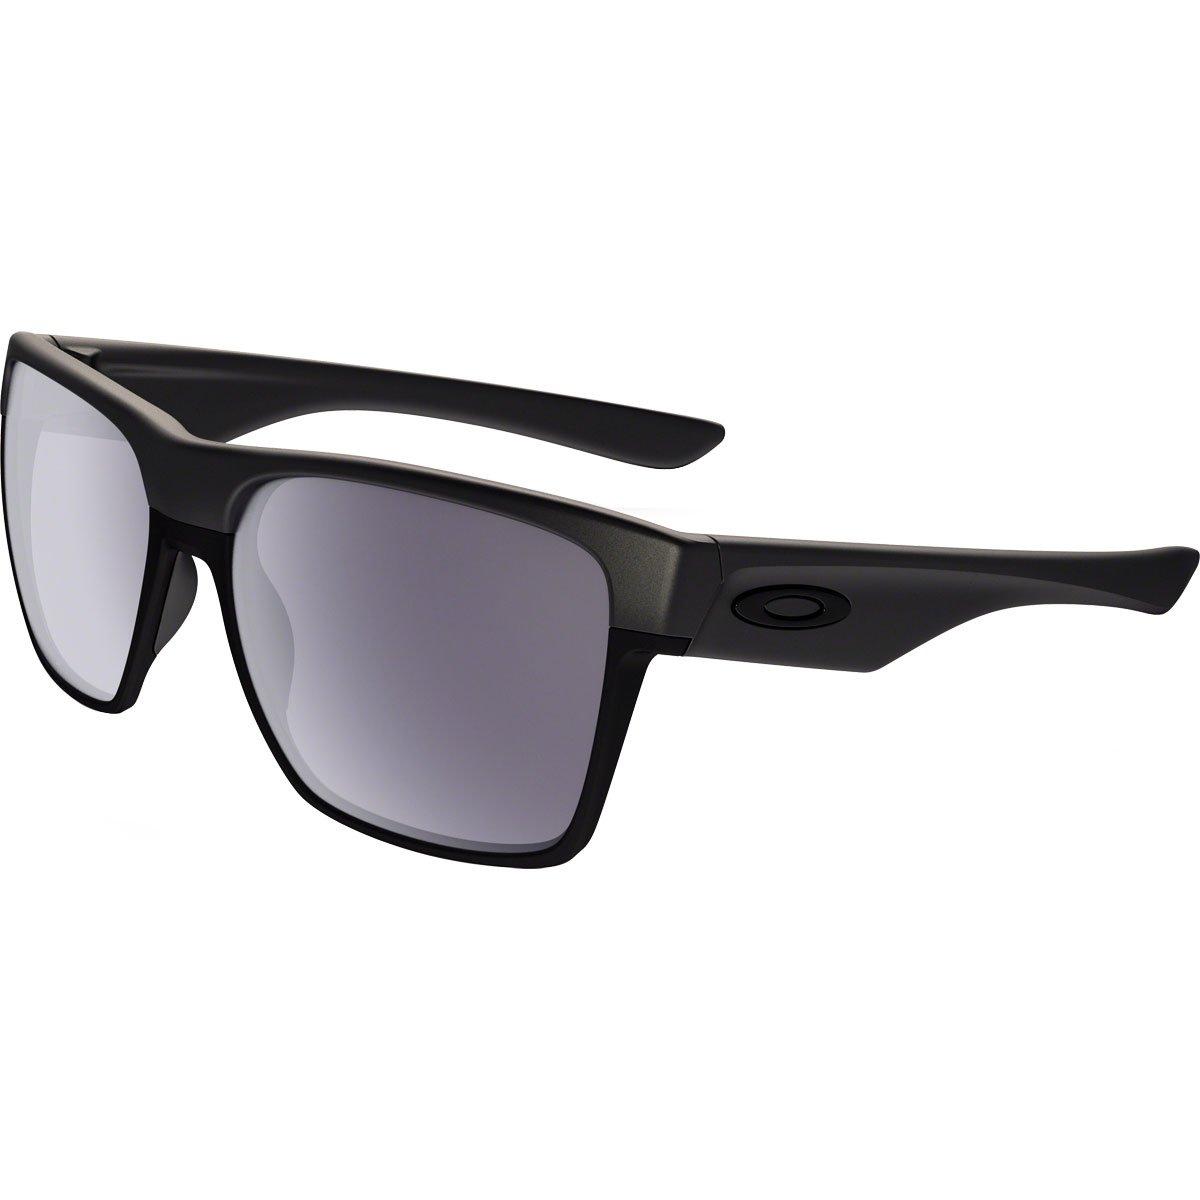 Oakley Men's OO9350 TwoFace XL Square Sunglasses, Steel/Grey, 59 mm by Oakley